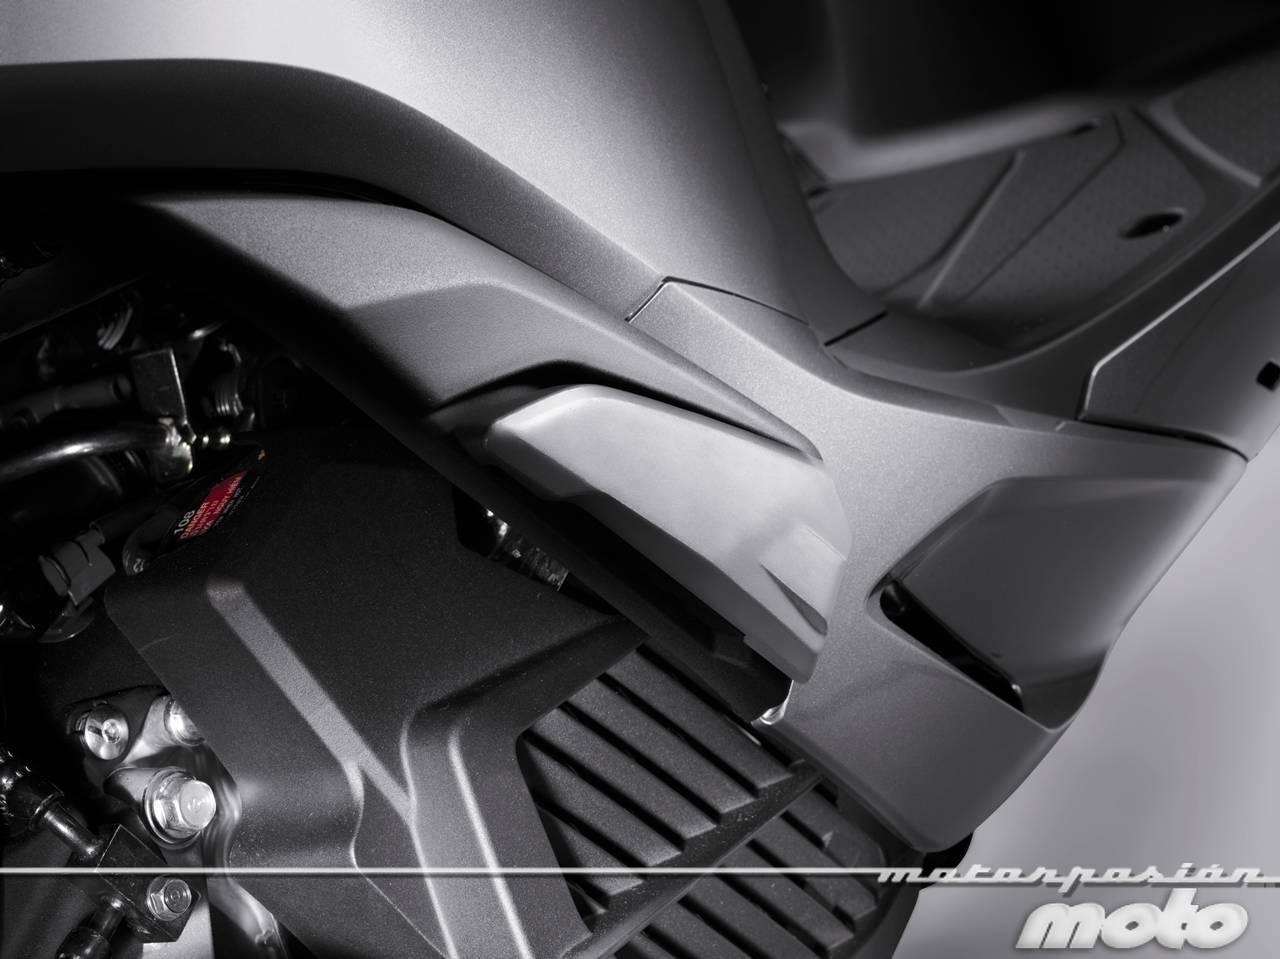 Foto de Honda Scoopy SH125i 2013, prueba (valoración, galería y ficha técnica)  - Fotos Detalles (61/81)